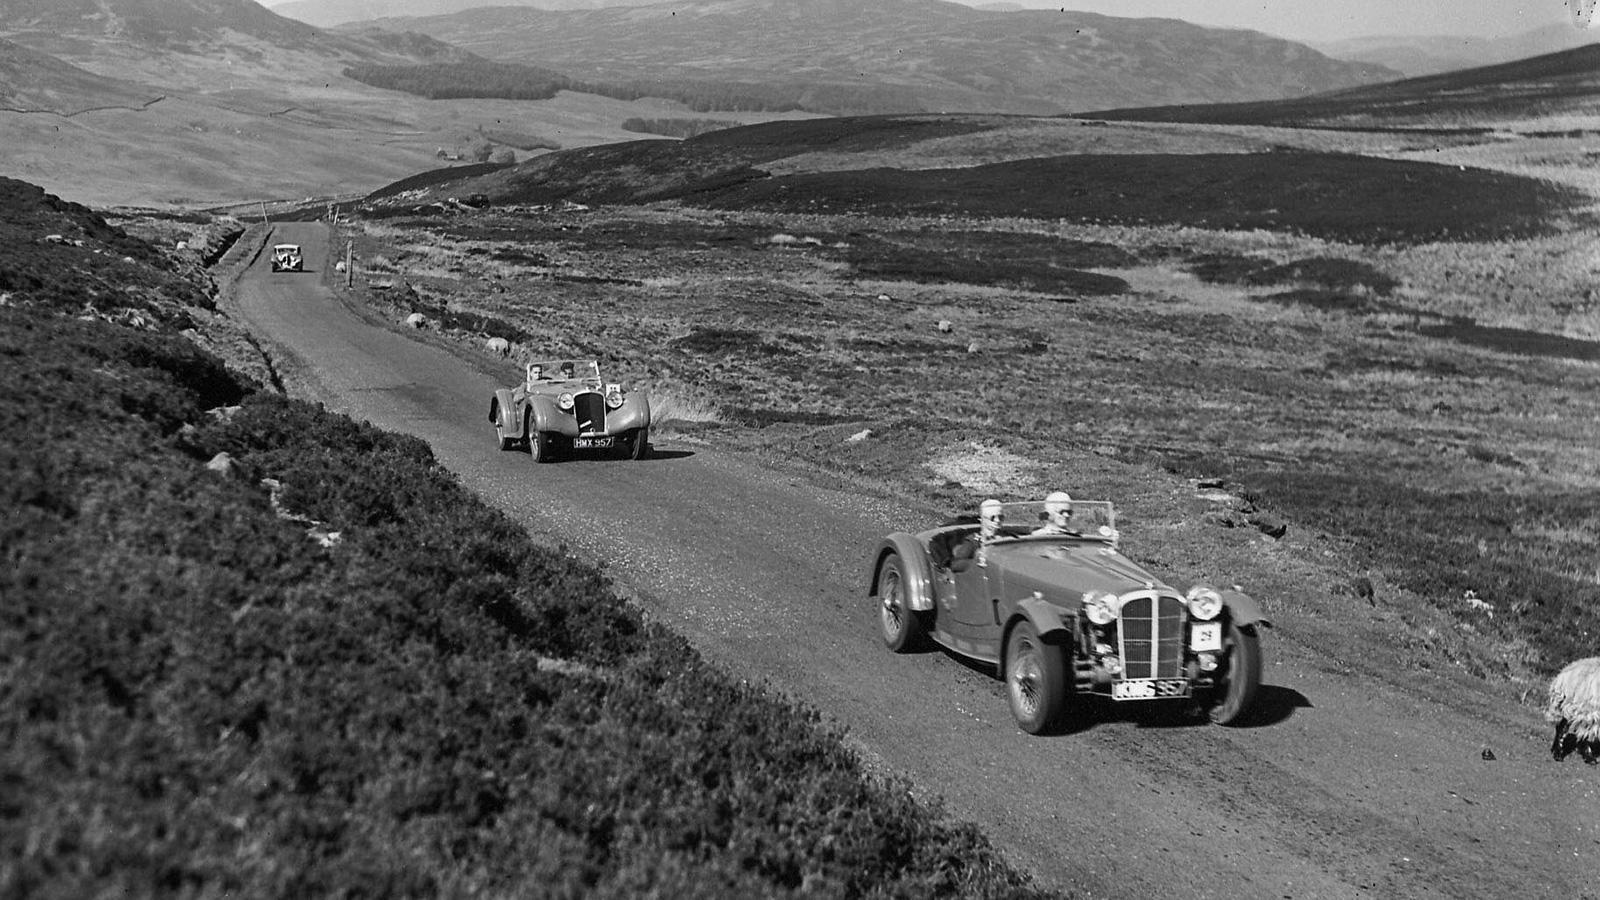 nd4n3C3tTIuyYqaJ17uw_atalanta-classic-car-vintage-1920x1080